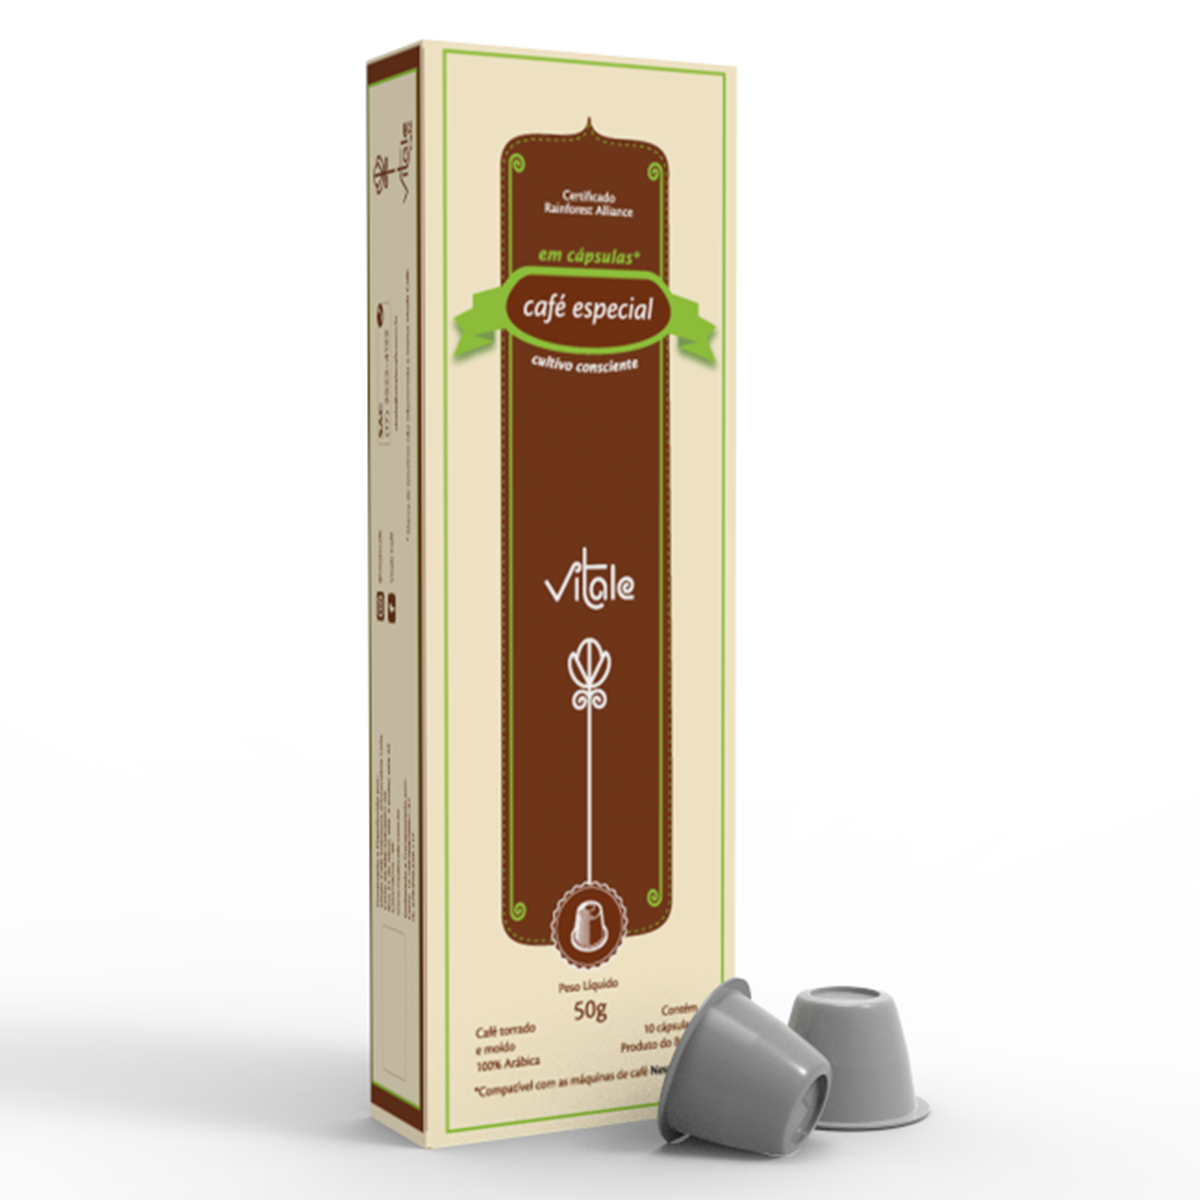 Cápsulas de Café gourmet para máquinas nespresso 10 unidades de 5g Vitale Café caixa CX